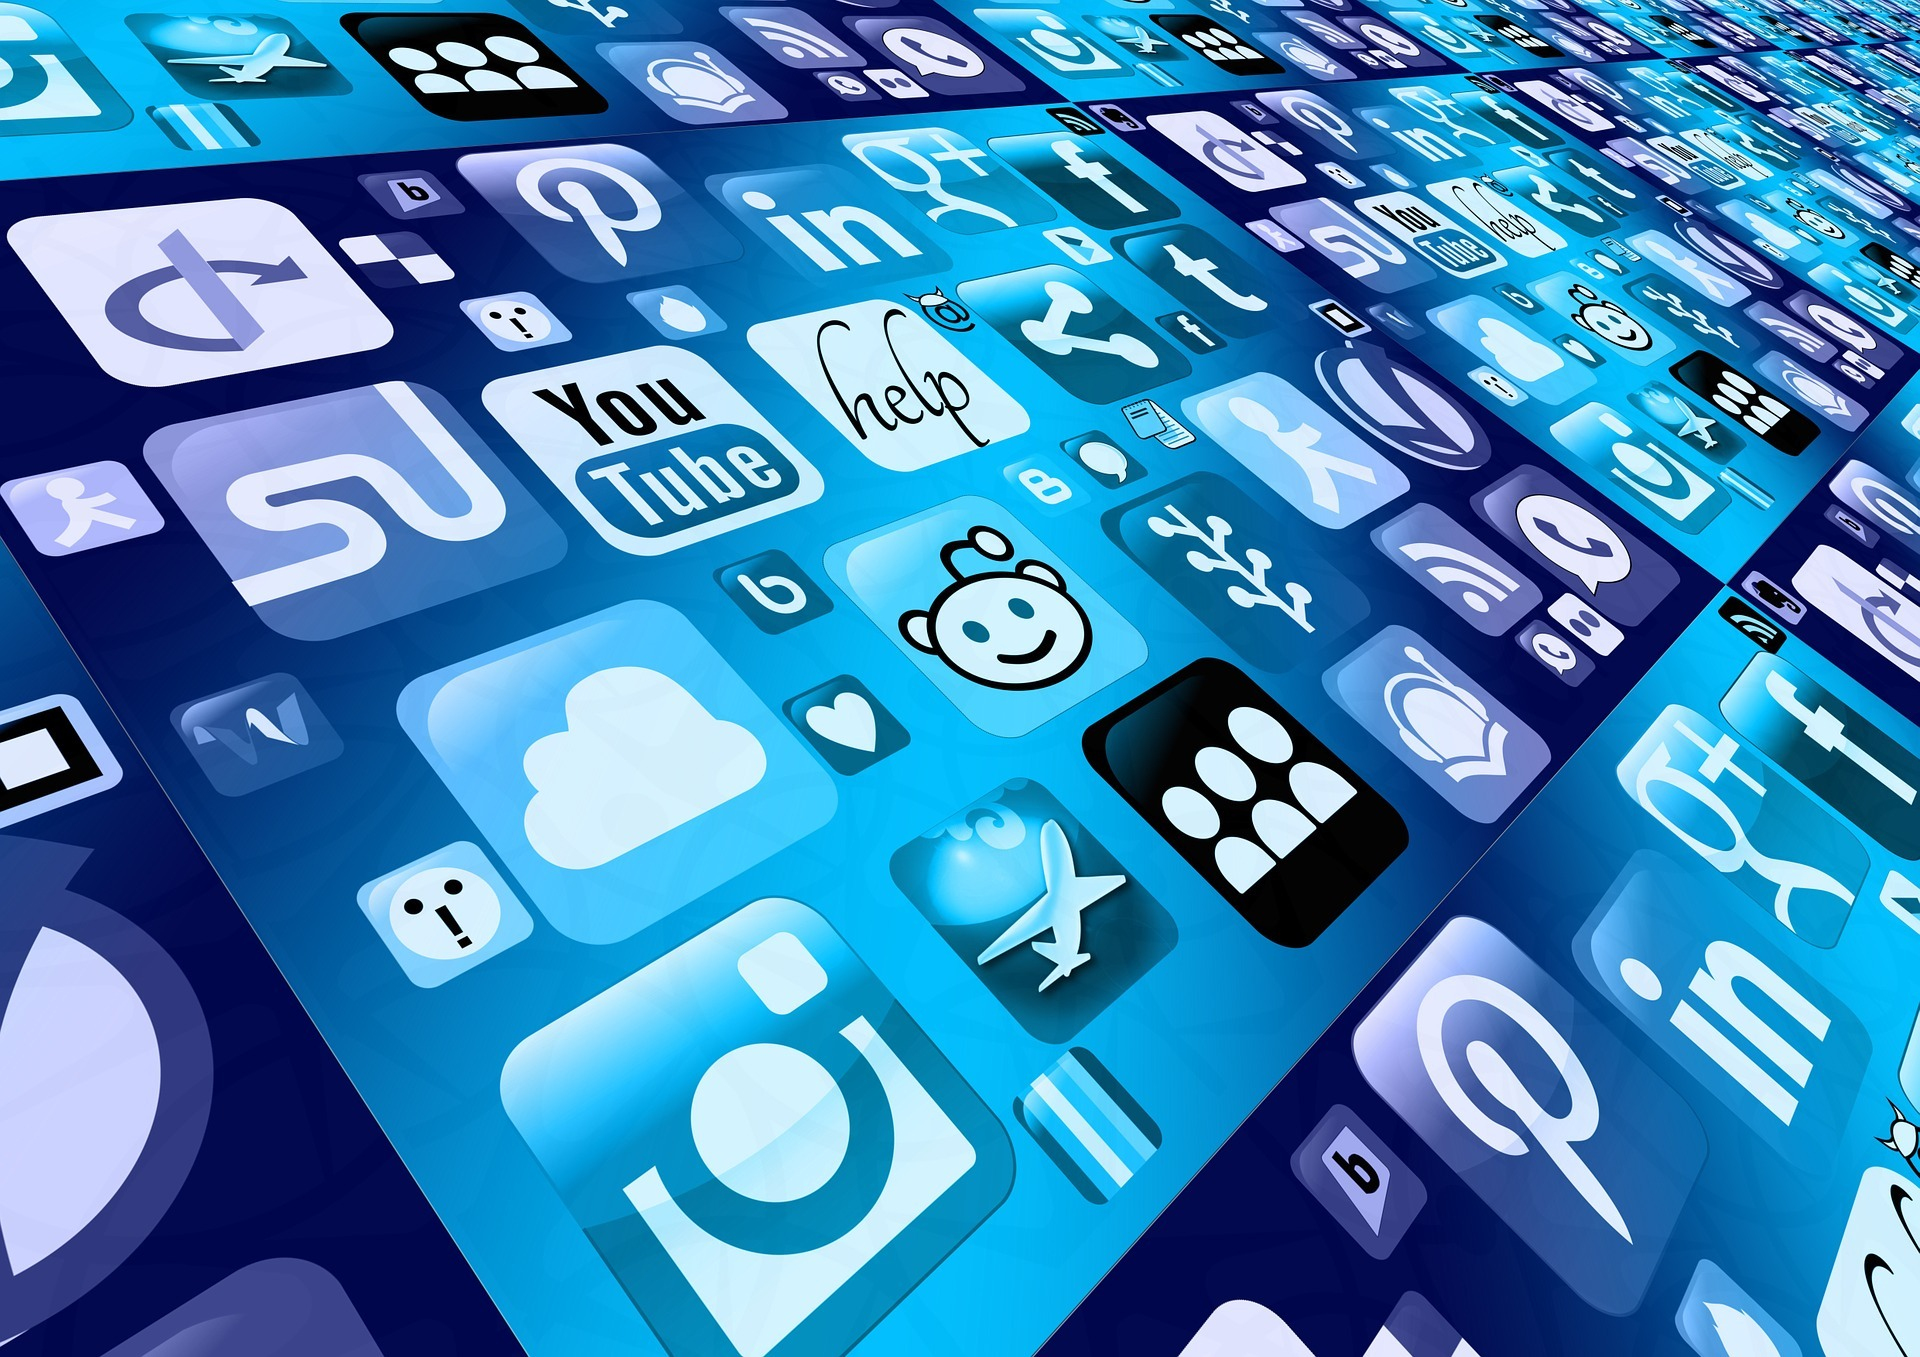 Quali sono le nuove tendenze per i social media?